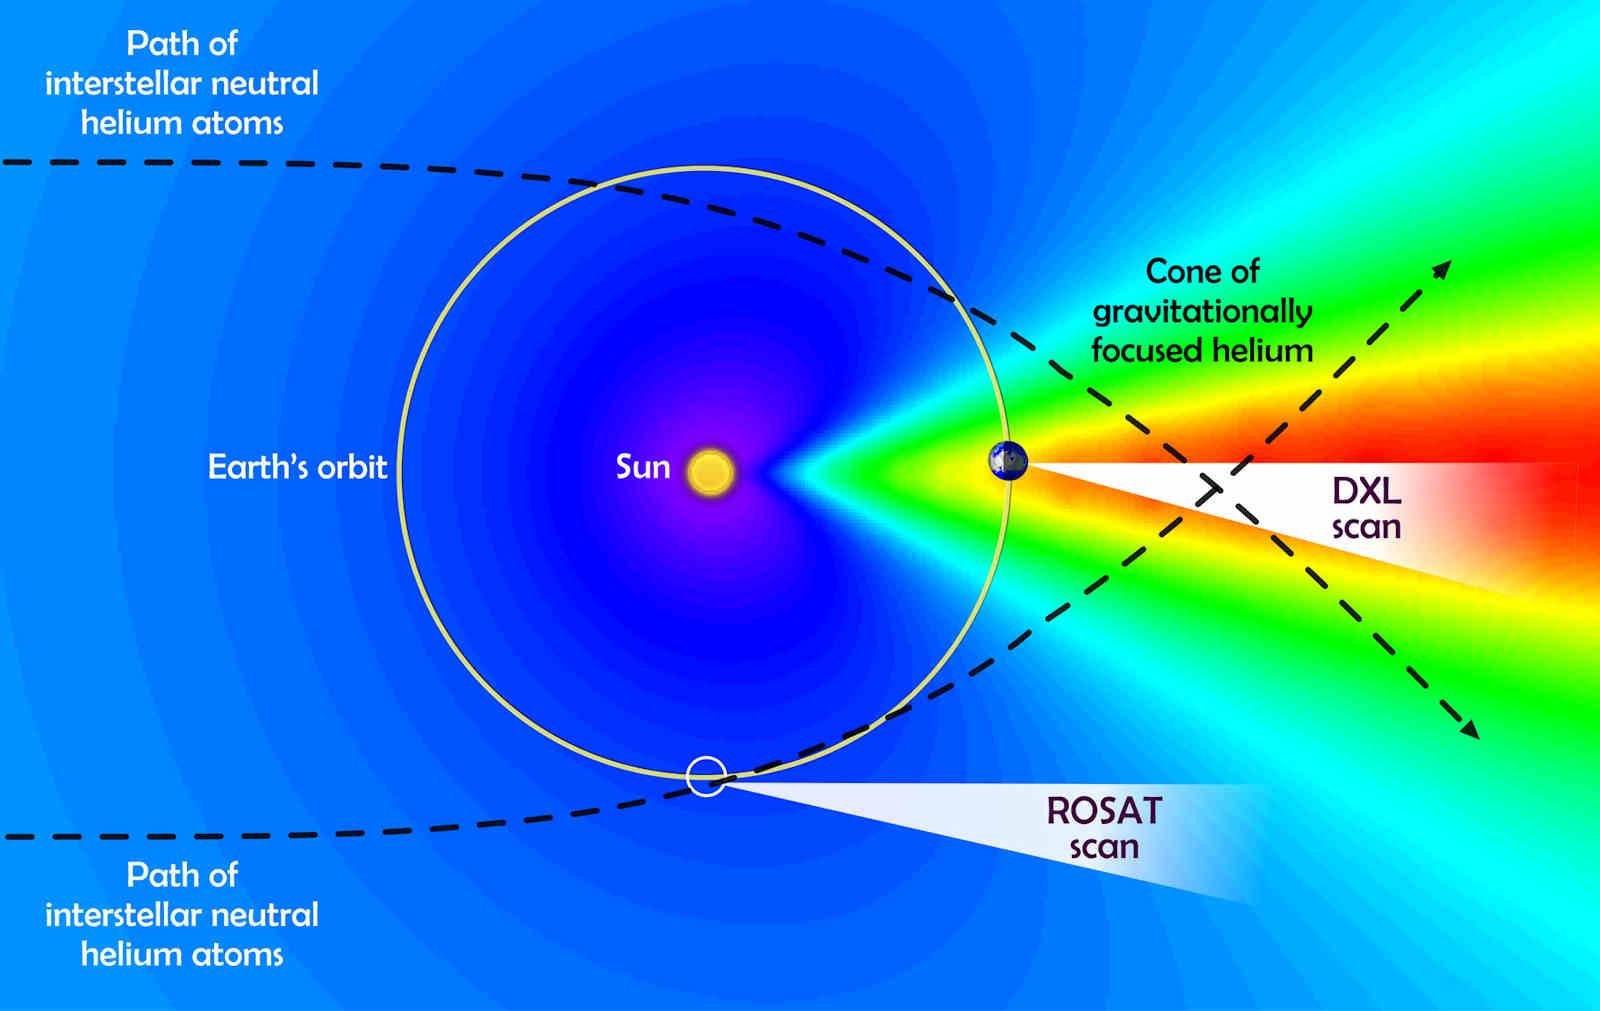 Schema relativa alla bolal di gas incandescente rilevata nella nostra galassia - Credits: NASA